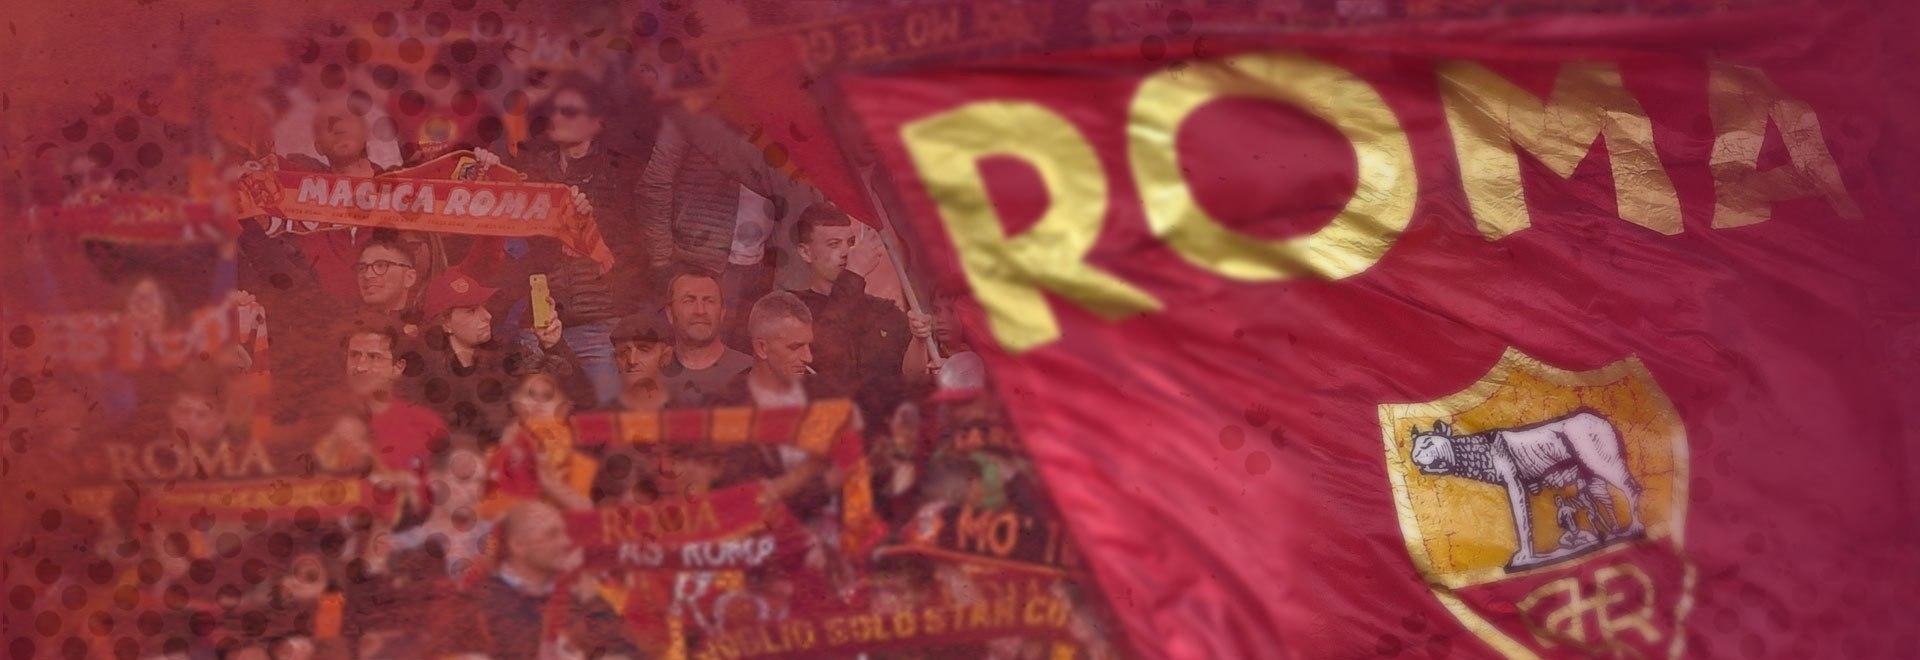 La stagione: Roma